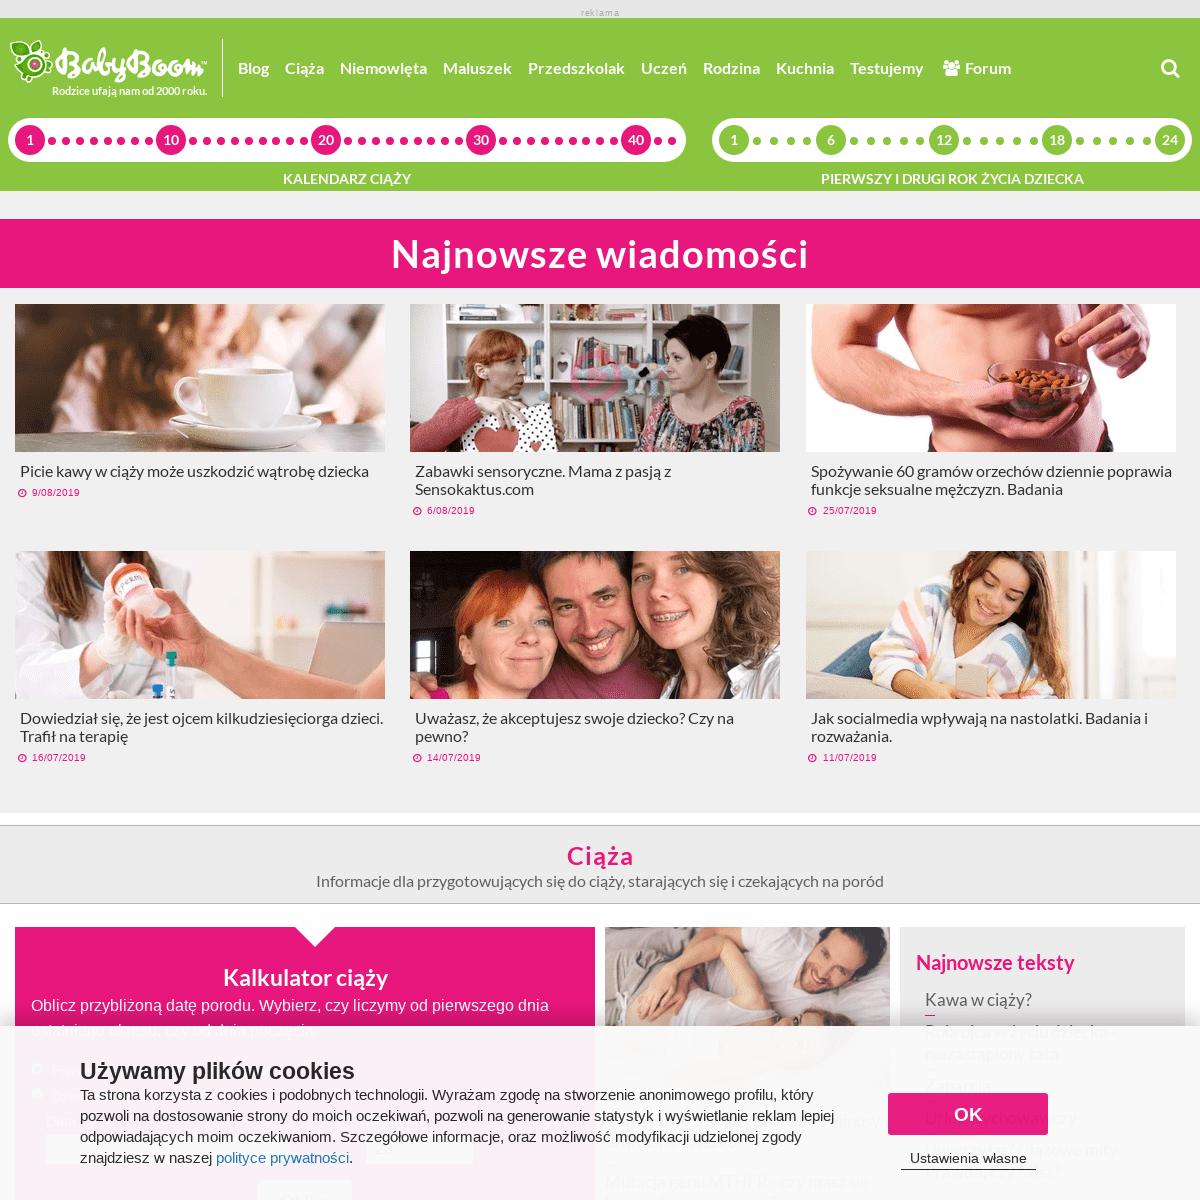 BabyBoom.pl - strona dla przyszłych i obecnych rodziców. Ciąża, poród i młodsze dzieci. - BabyBoom